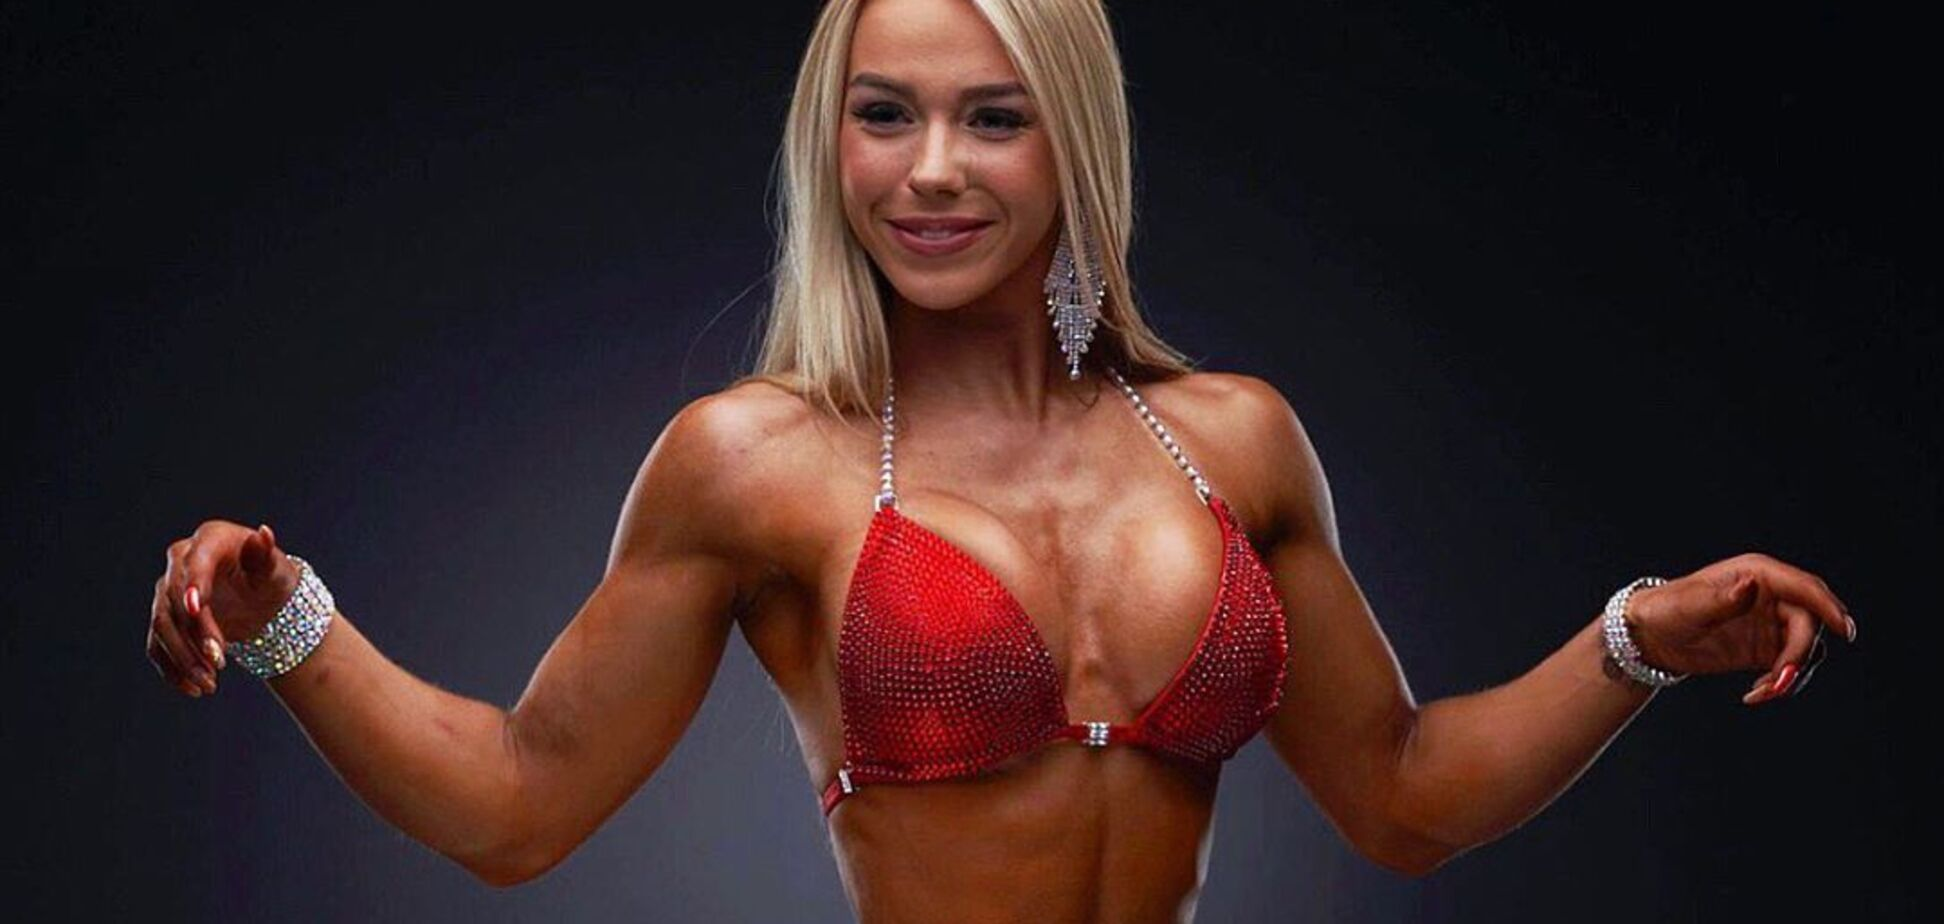 Фитнес-модель с идеальными формами Смилла Бейер снялась обнаженной